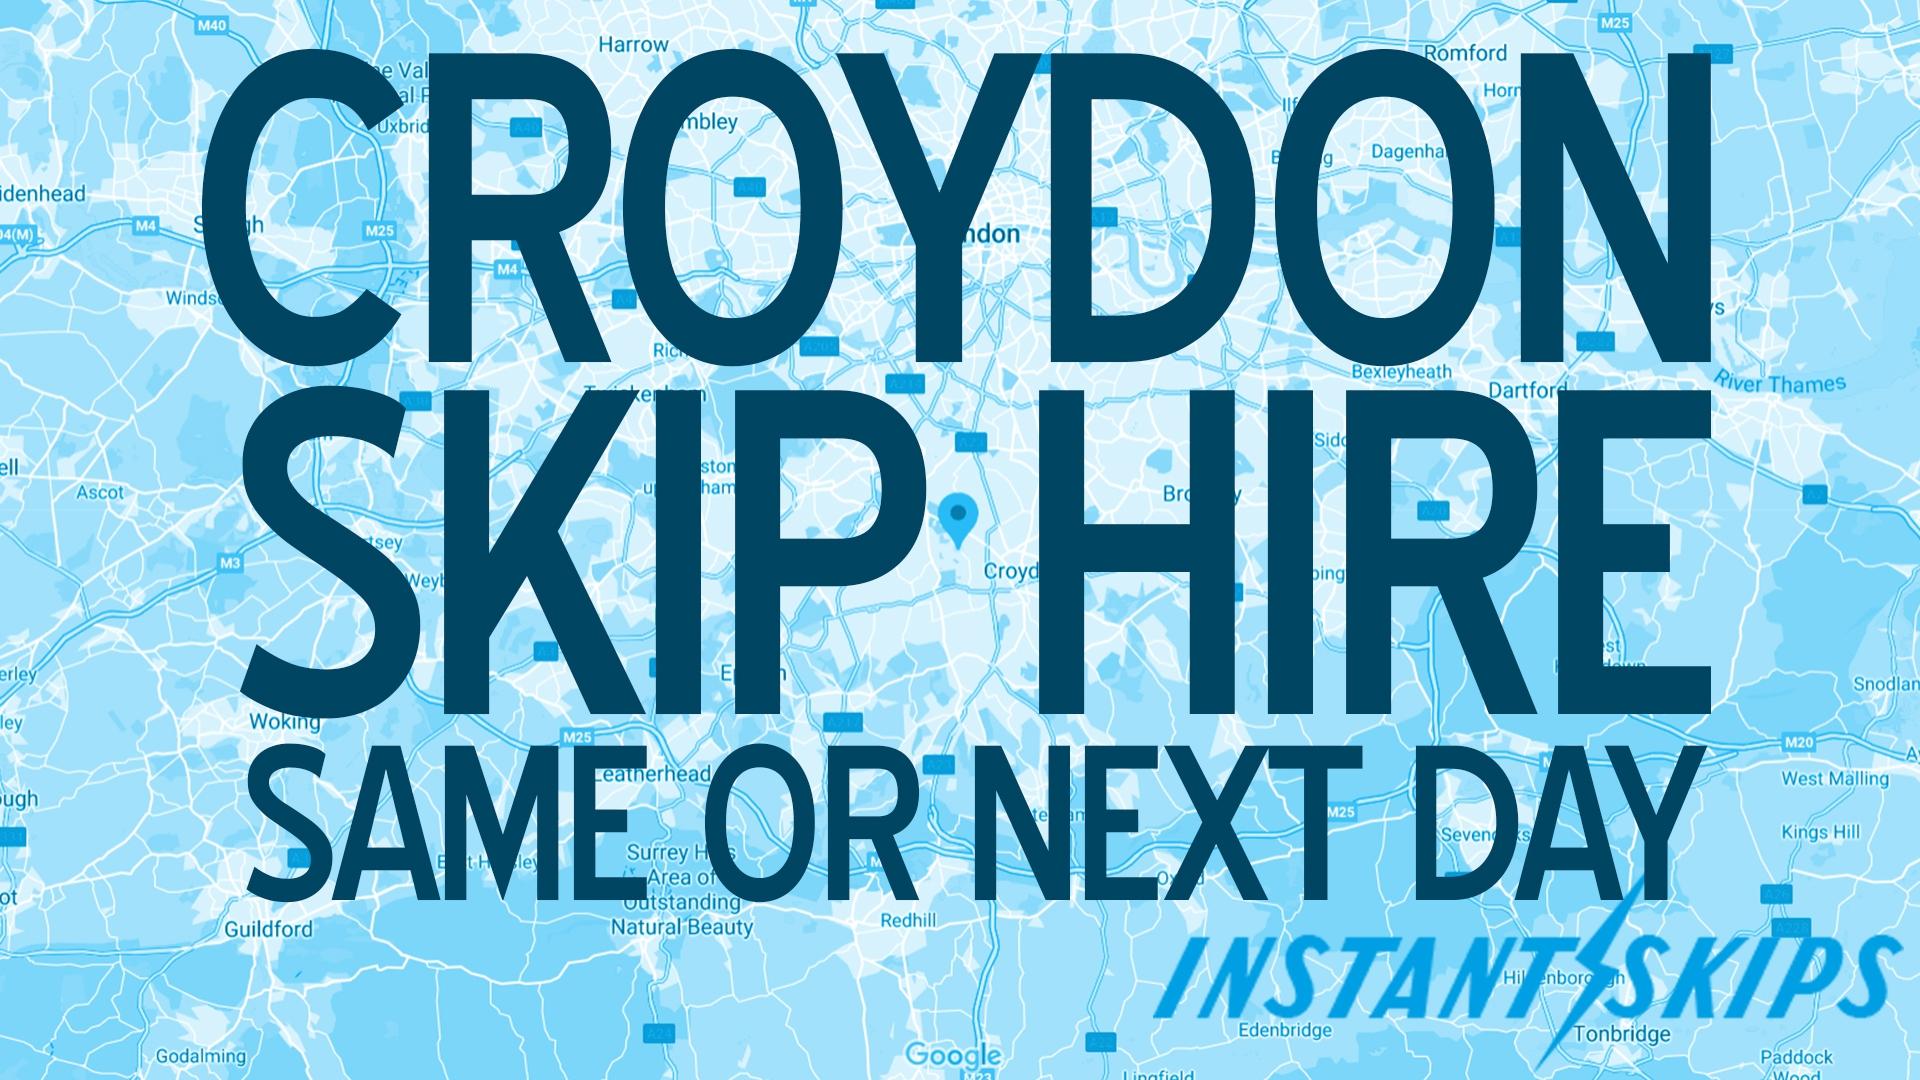 CROYDON SKIP HIRE